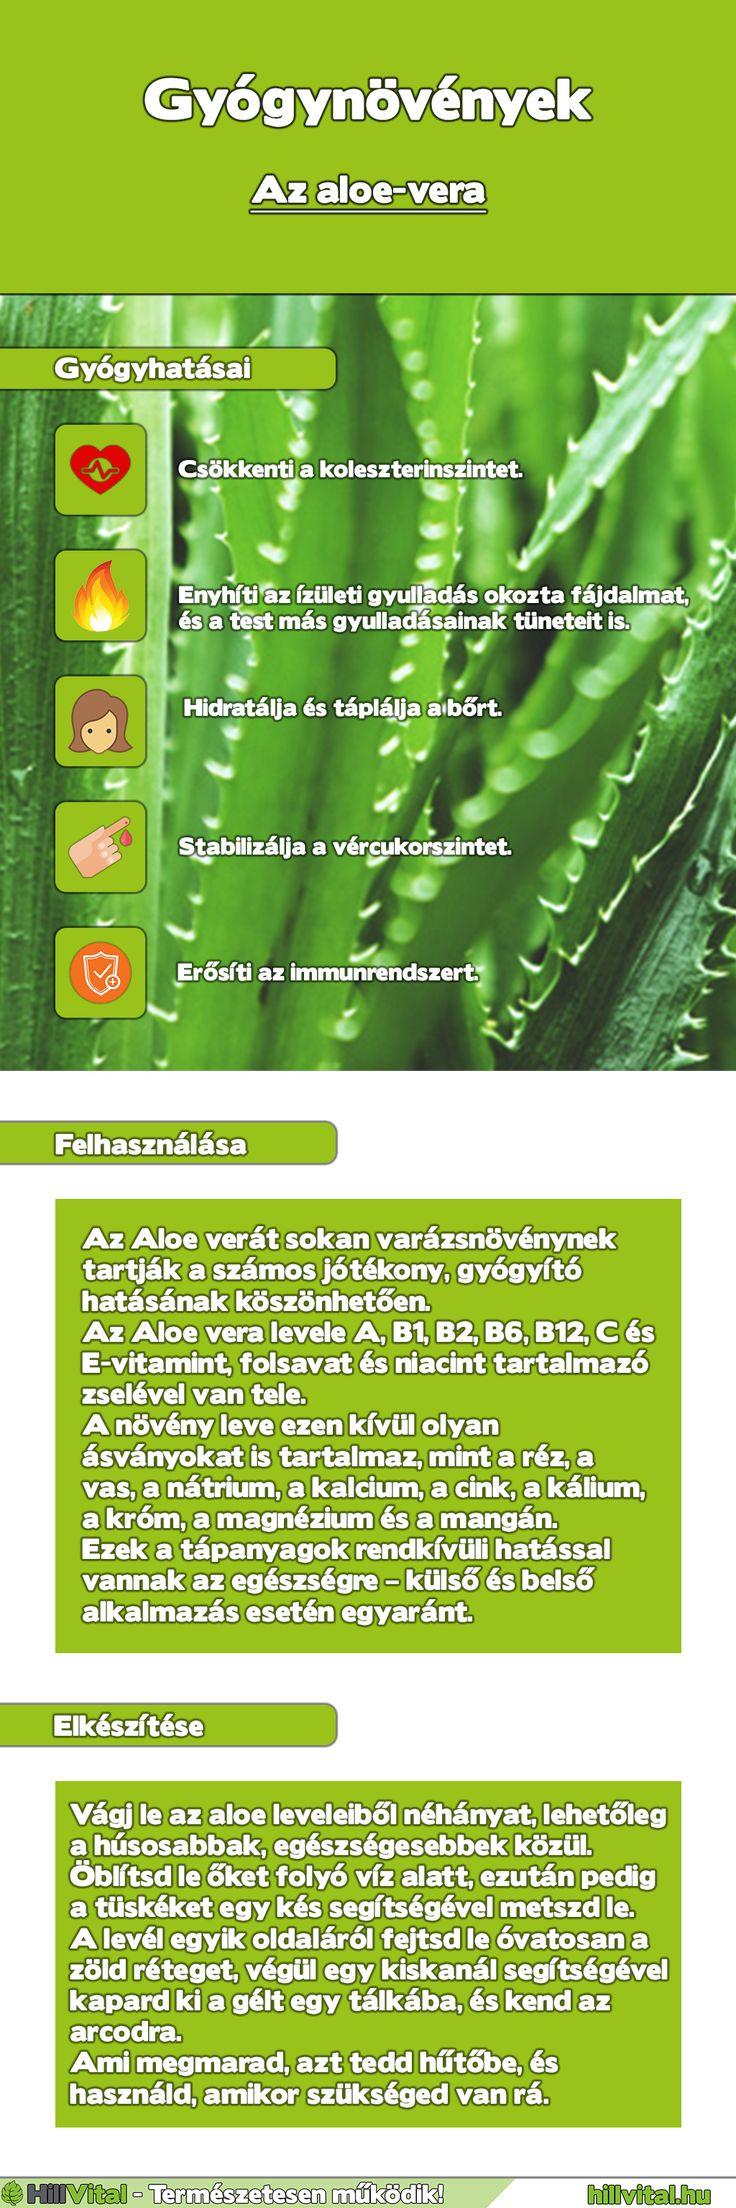 Gyógynövény határozó - Aloe-vera Az aloe-vera hatásai, aloe vera gél készítés